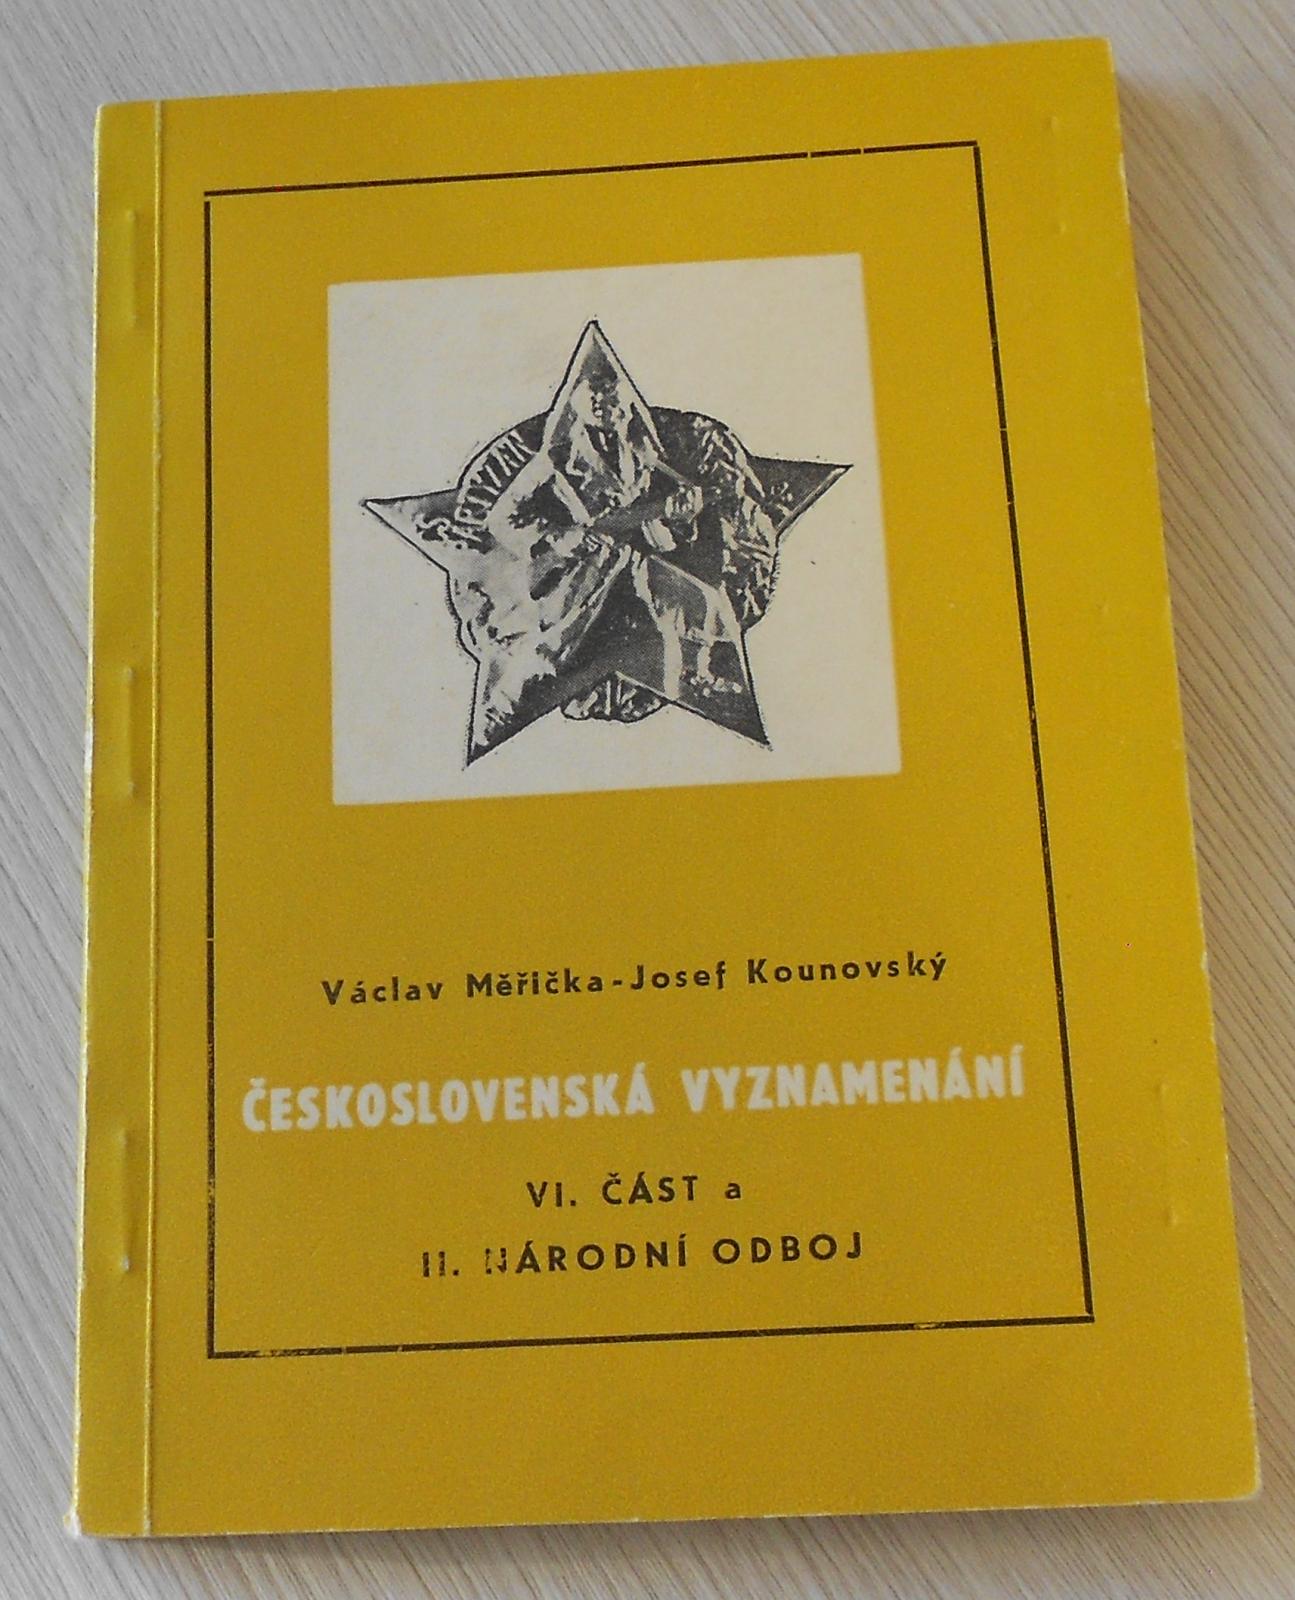 Čs. vyznamenání VI. část a